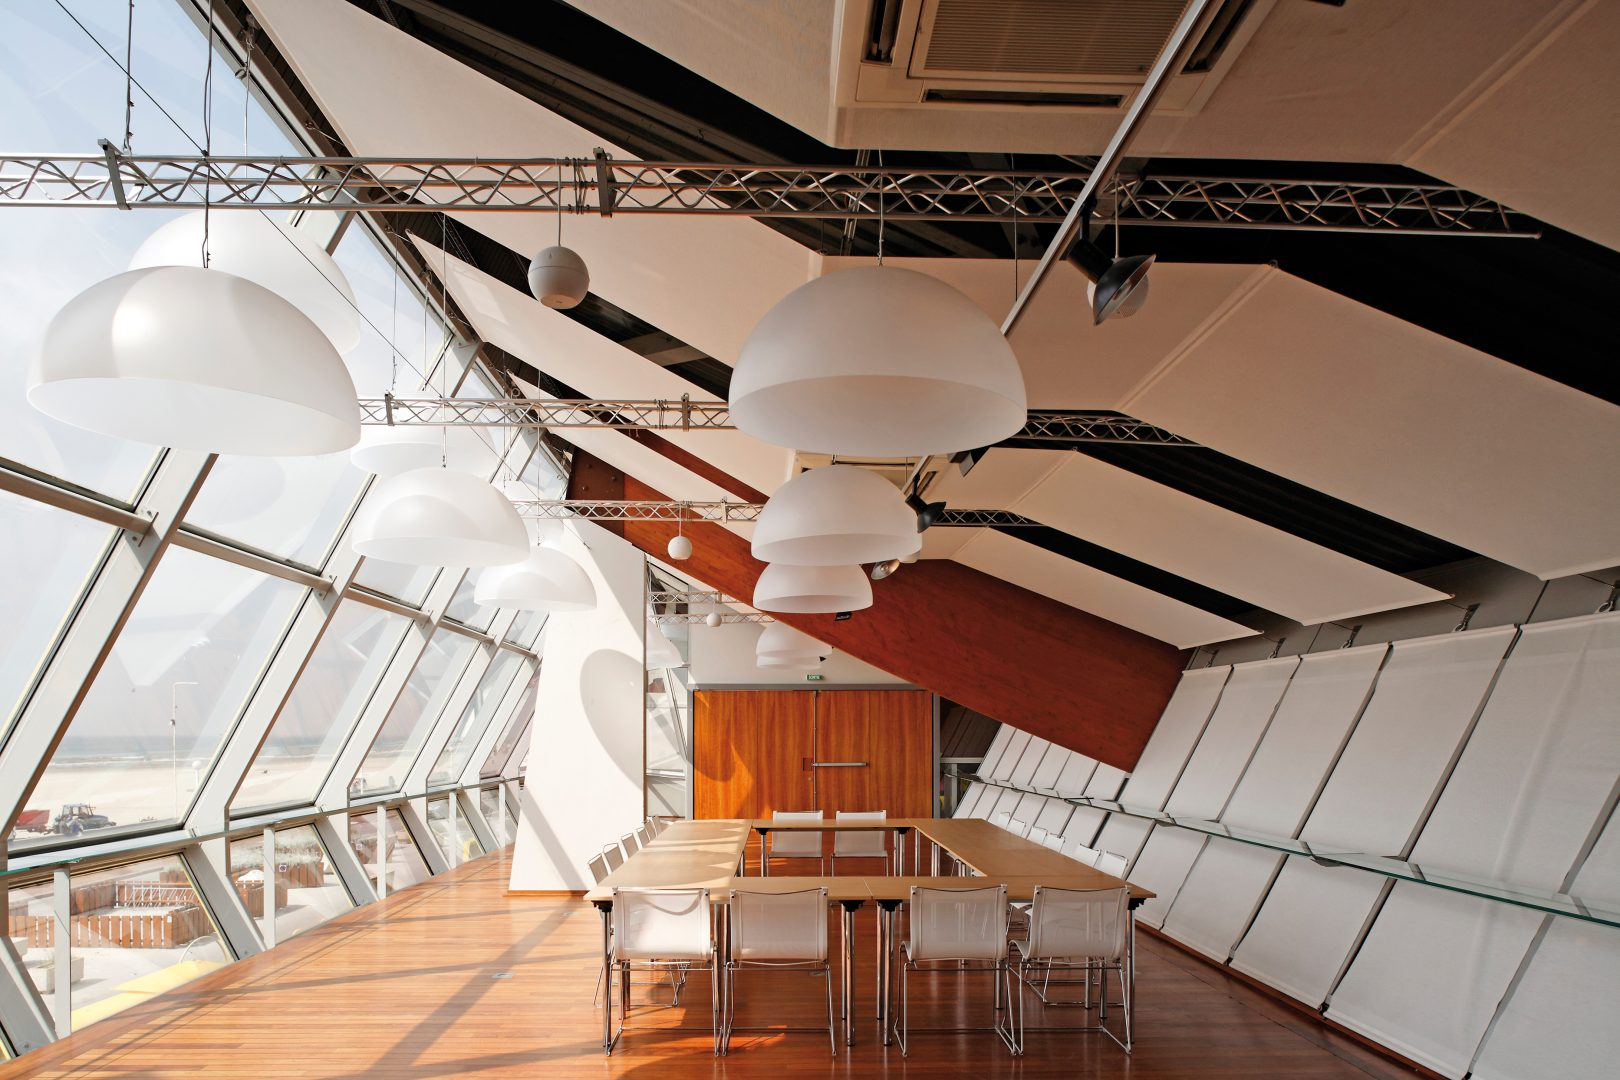 gestion de l'acoustique dans une salle de réunion